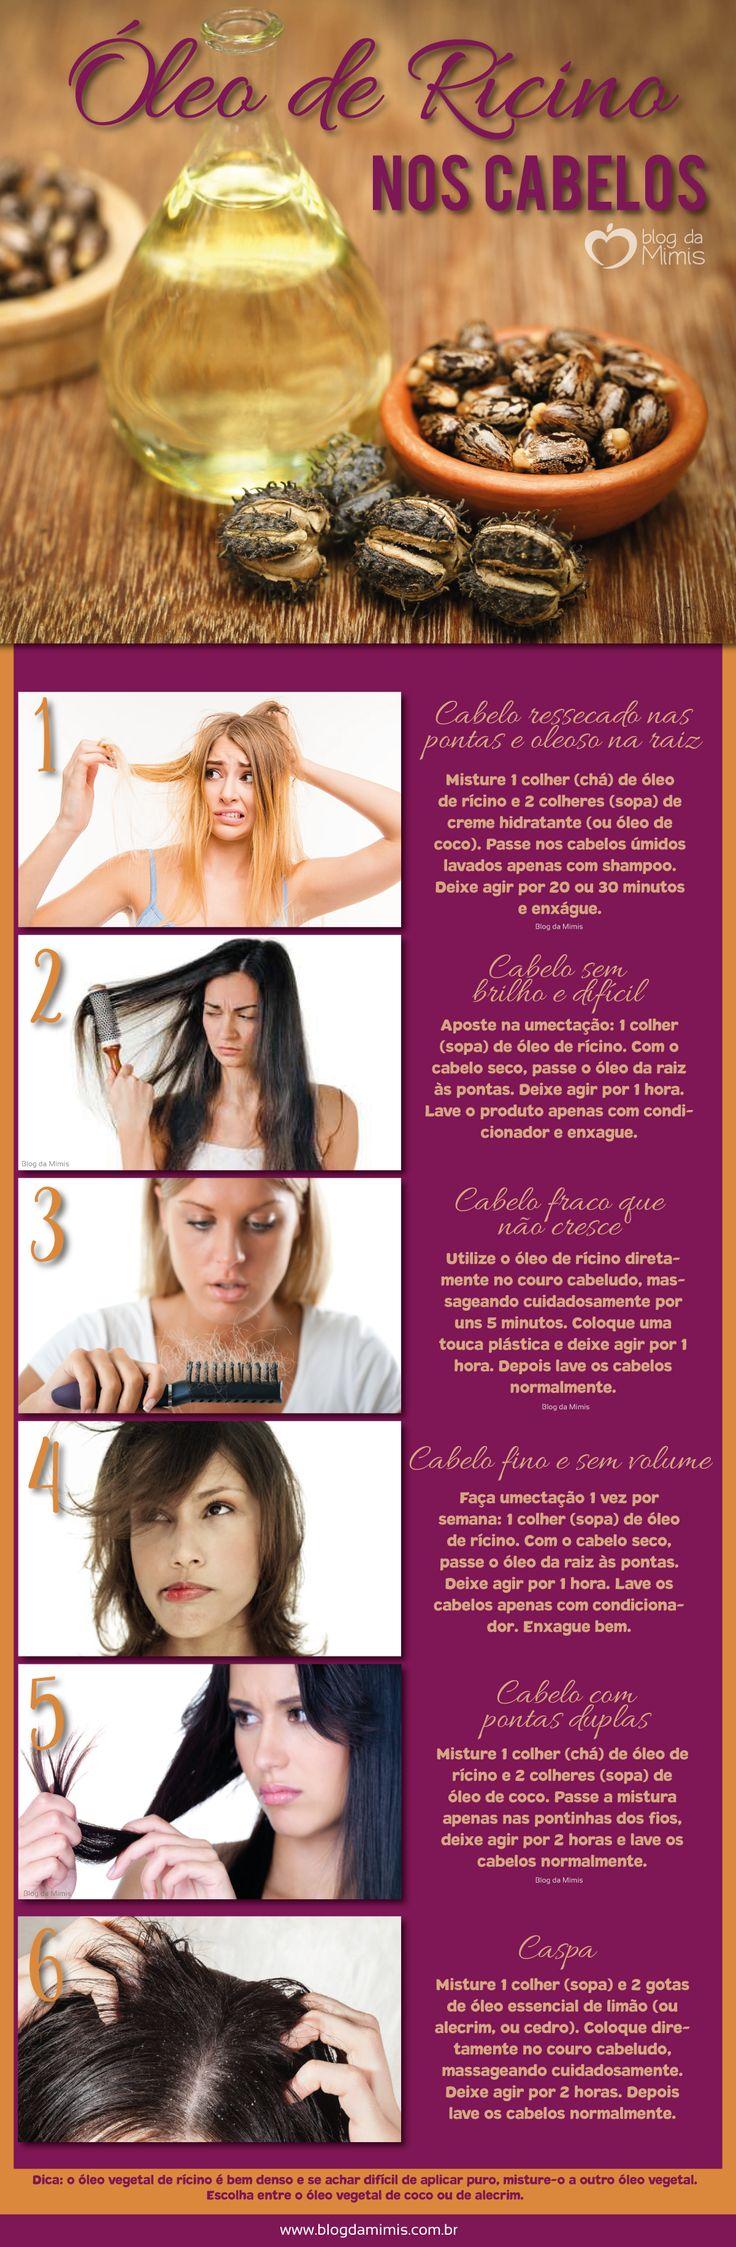 Óleo de rícino nos cabelos: restaura, fortalece e faz crescer - Blog da Mimis #rícino #blogdamimis #infográfico #óleo #vegetal #cabelo